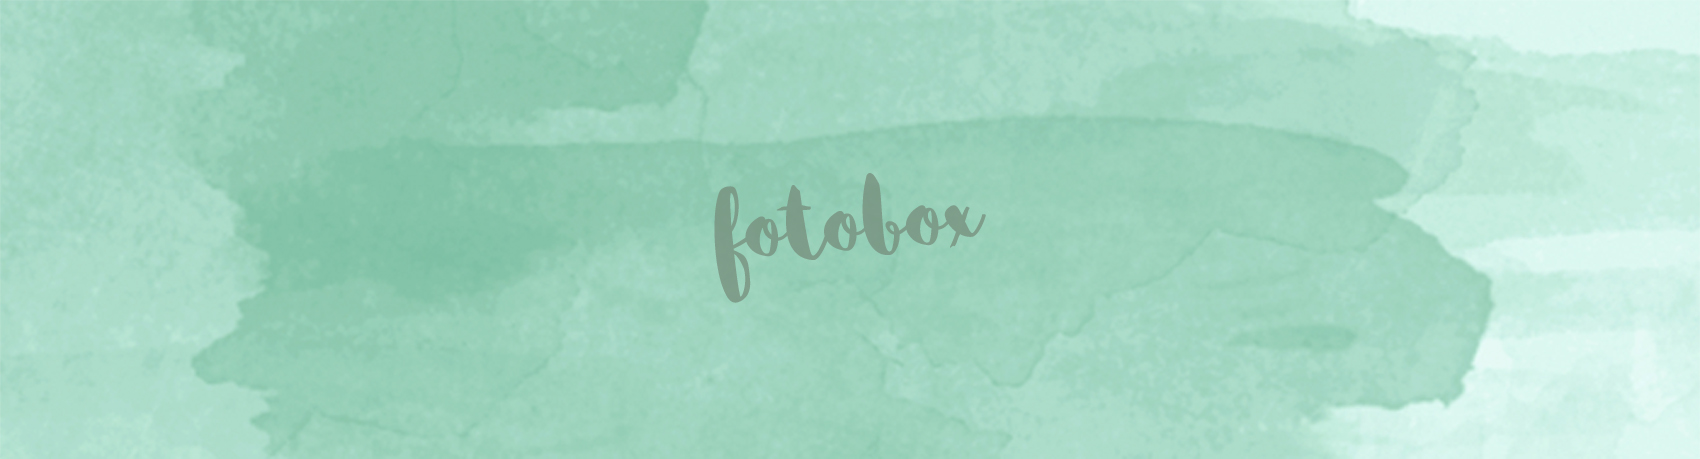 saras-fotobox